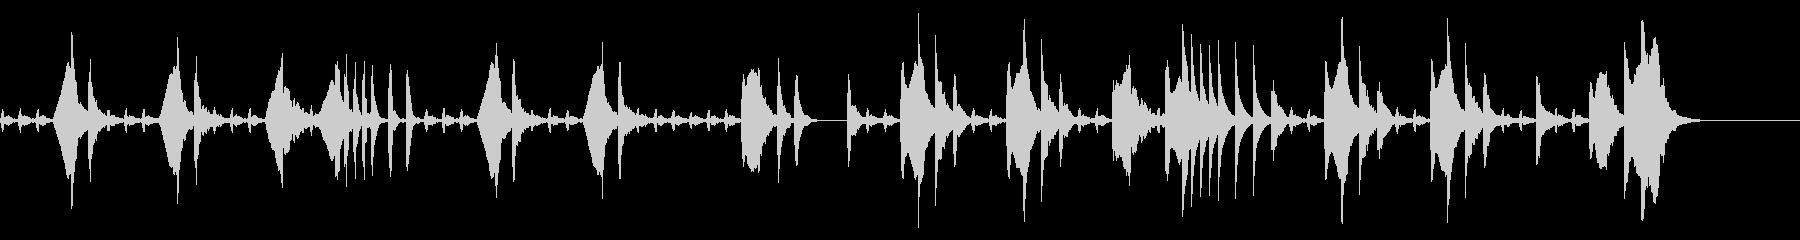 たどたどしいメロディー 「猫のうたた寝」の未再生の波形